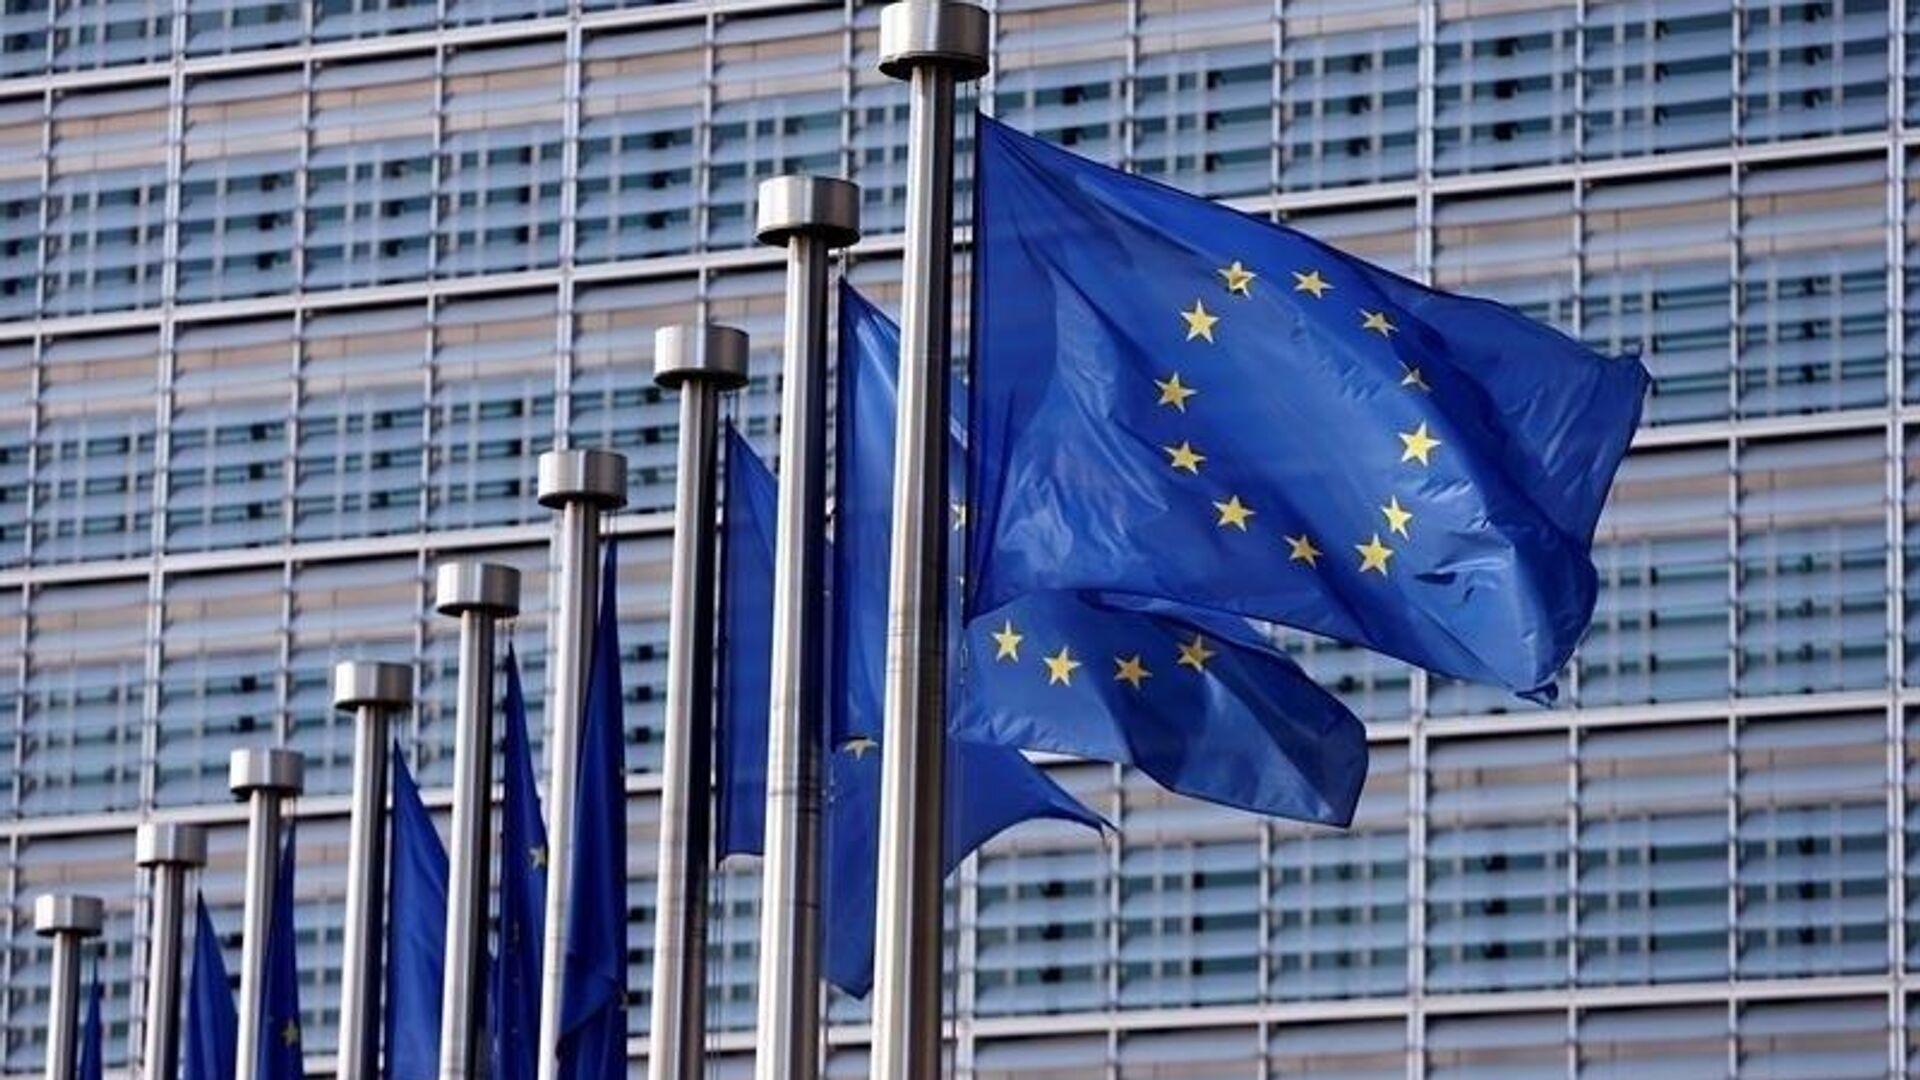 Bandera de la Unión Europea  - Sputnik Mundo, 1920, 11.10.2021